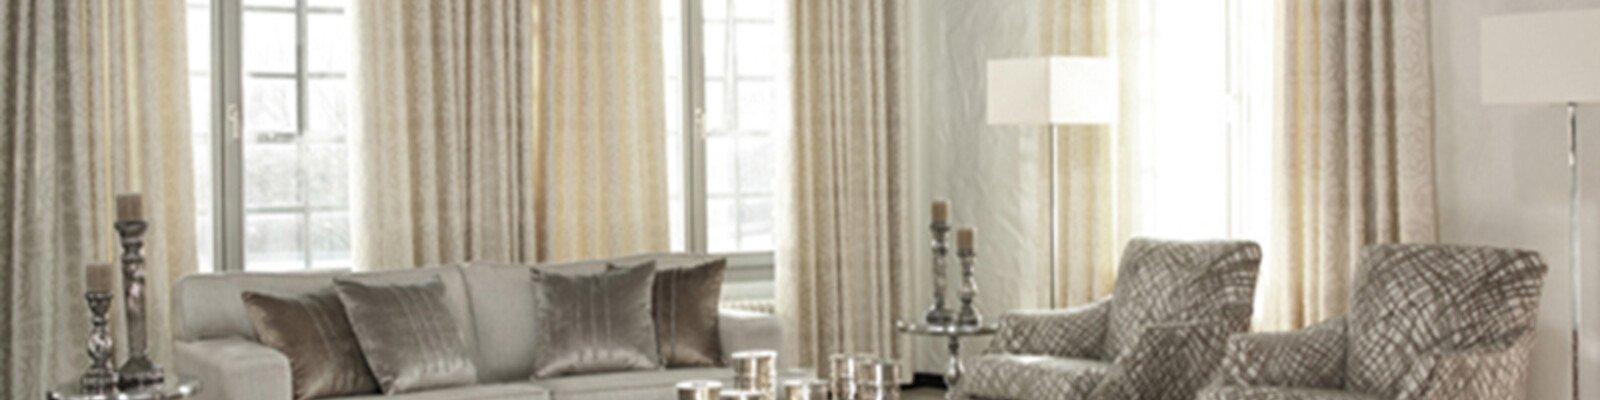 raamdecoratie van topkwaliteit een totaalaanbod